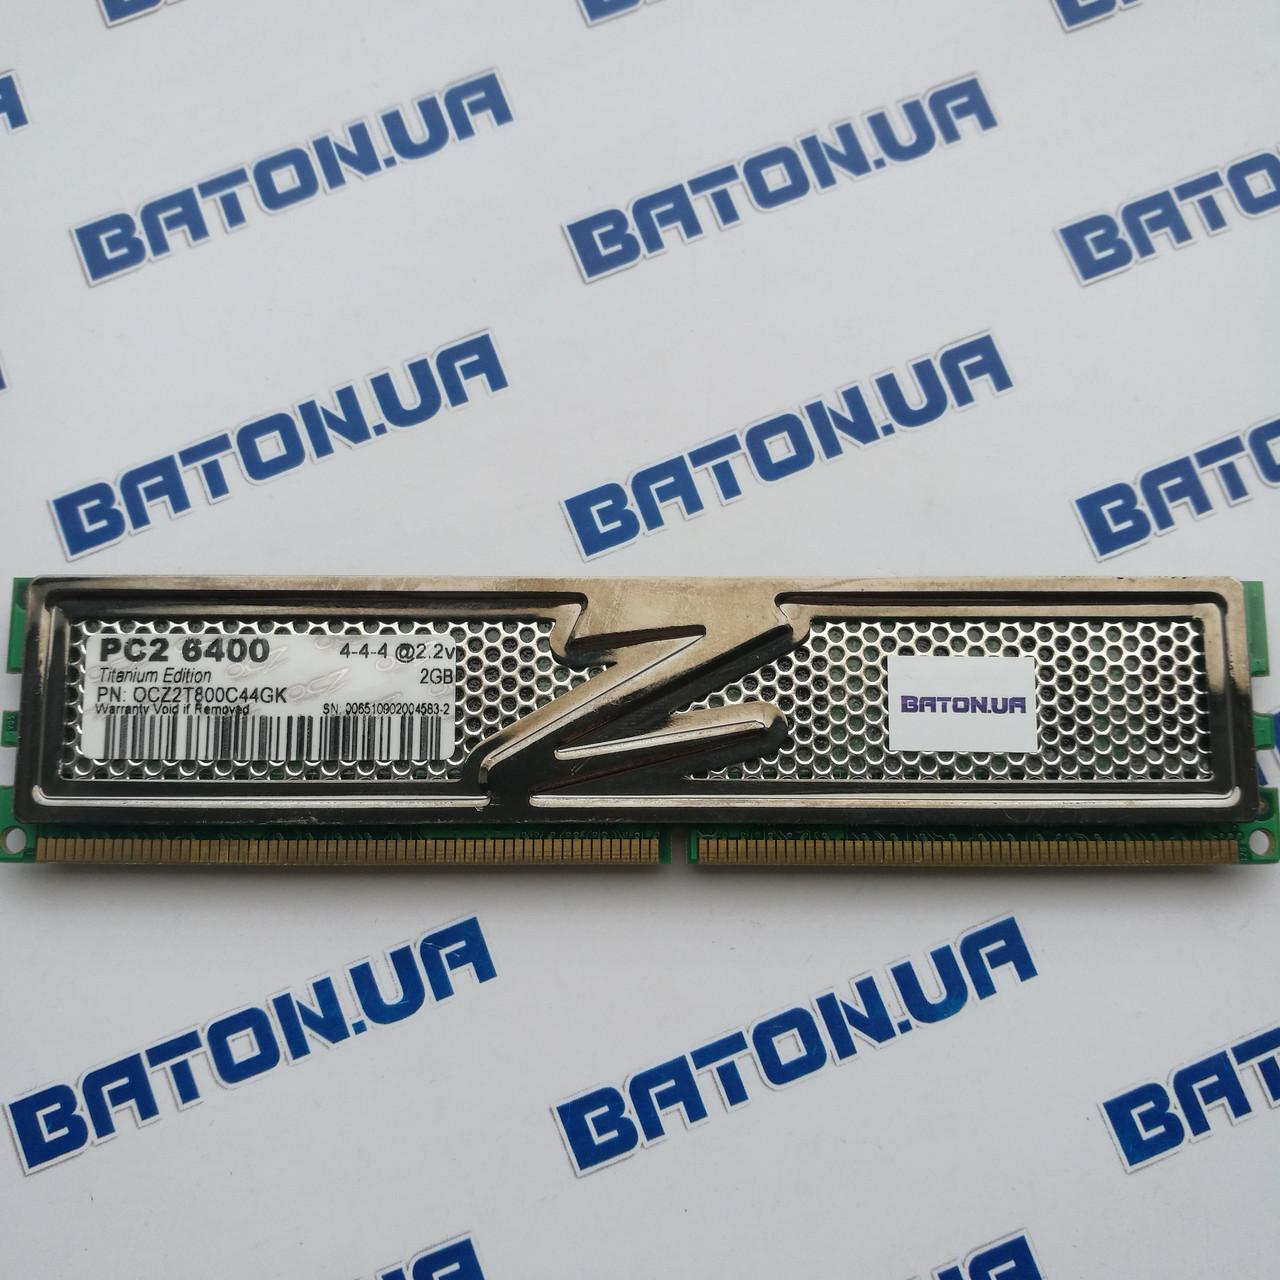 Игровая оперативная память OCZ Titanium DDR2 2Gb 800MHz PC2 6400U CL4 (OCZ2T800C44GK)